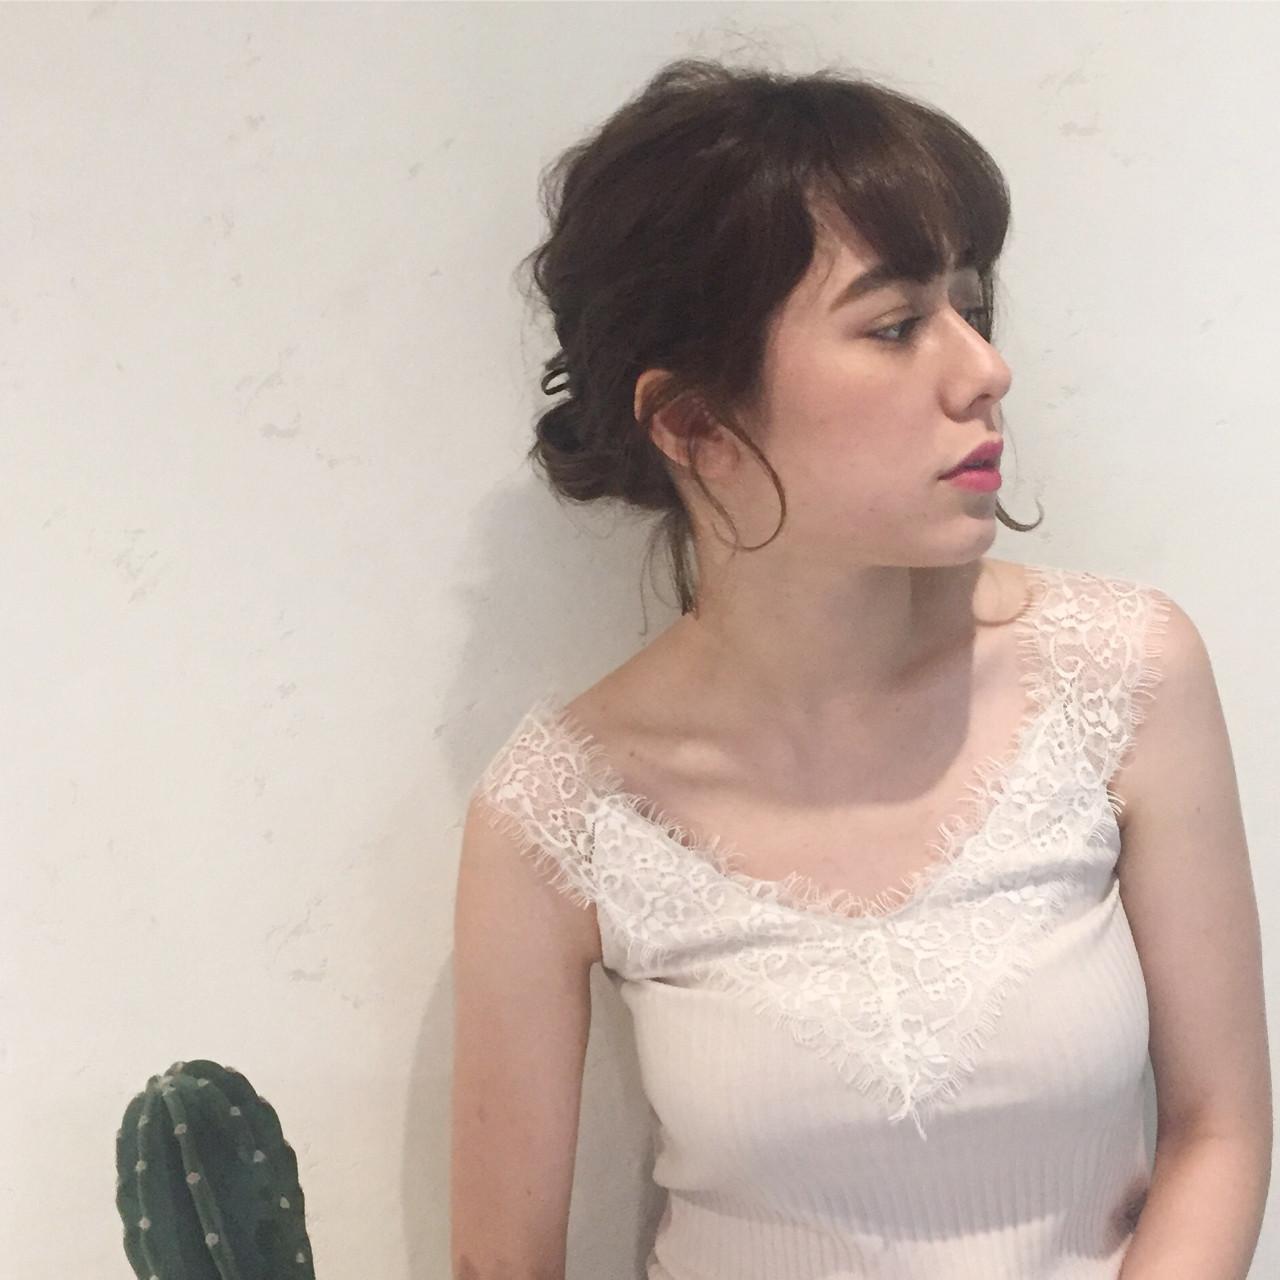 リラックス 梅雨 ヘアアレンジ 簡単ヘアアレンジ ヘアスタイルや髪型の写真・画像 | Misaki Arima / Hammock hair salon cocona